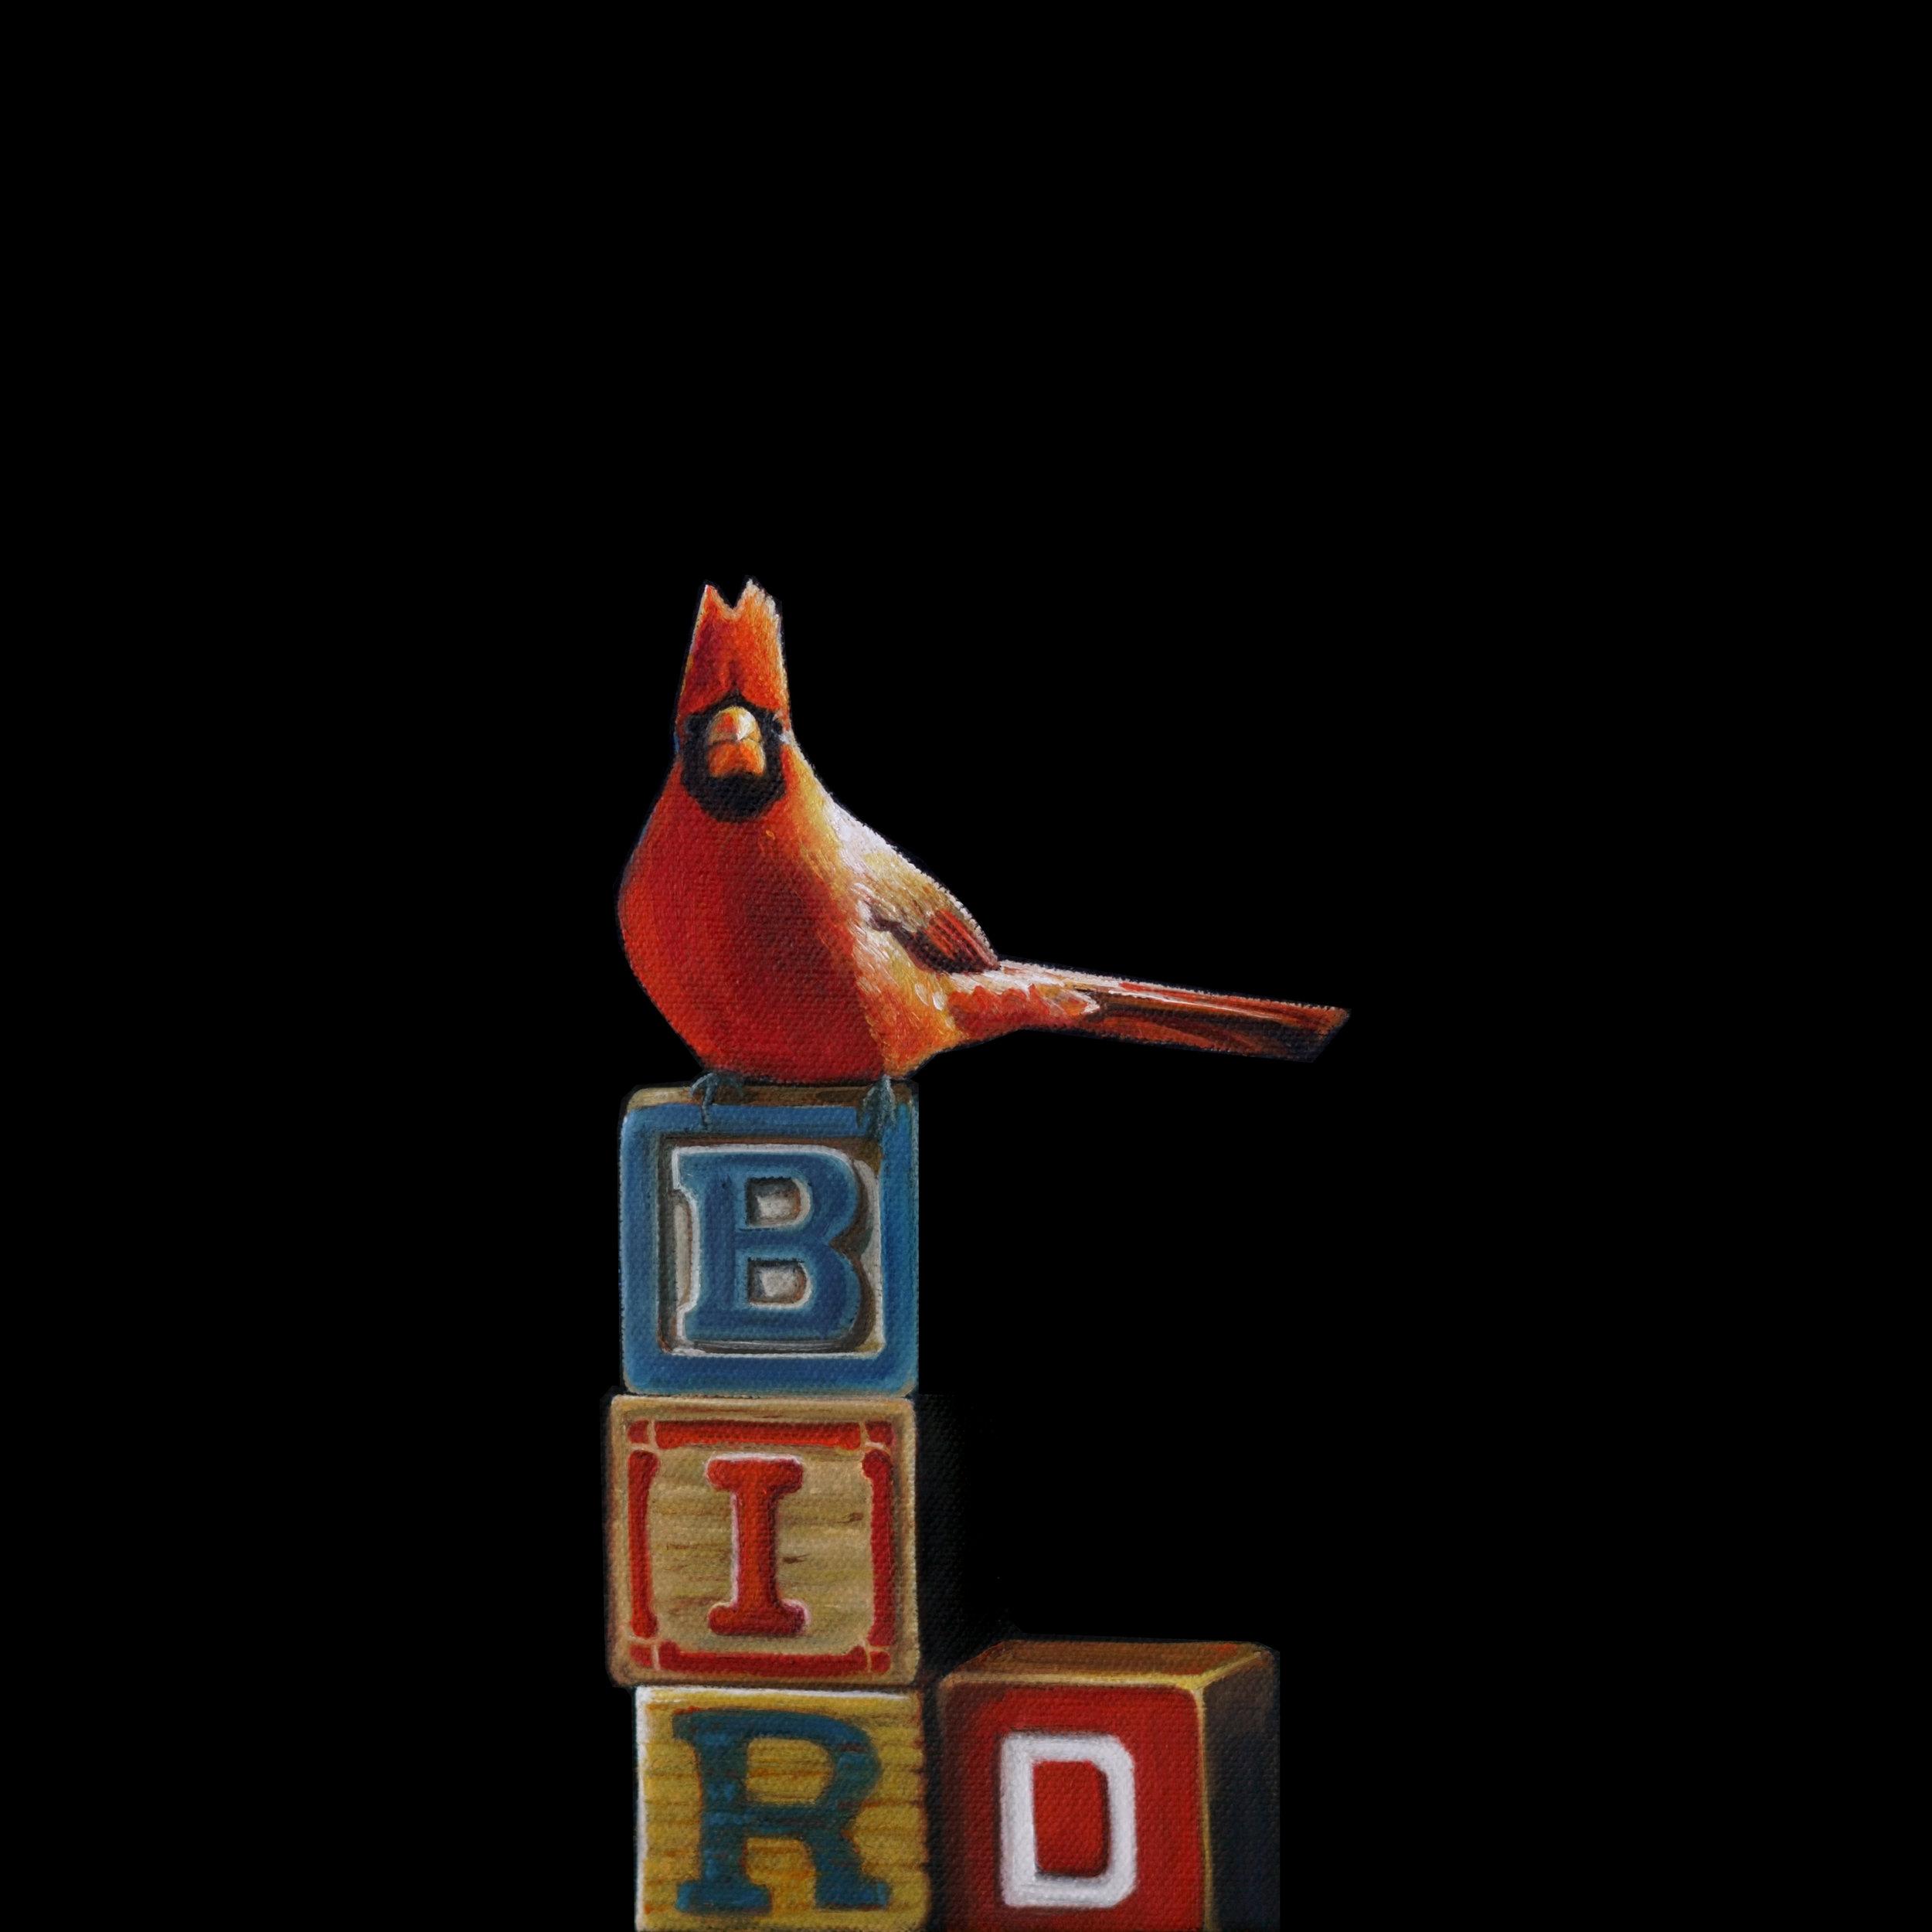 BIRD | 12 x 12 | Oil on canvas